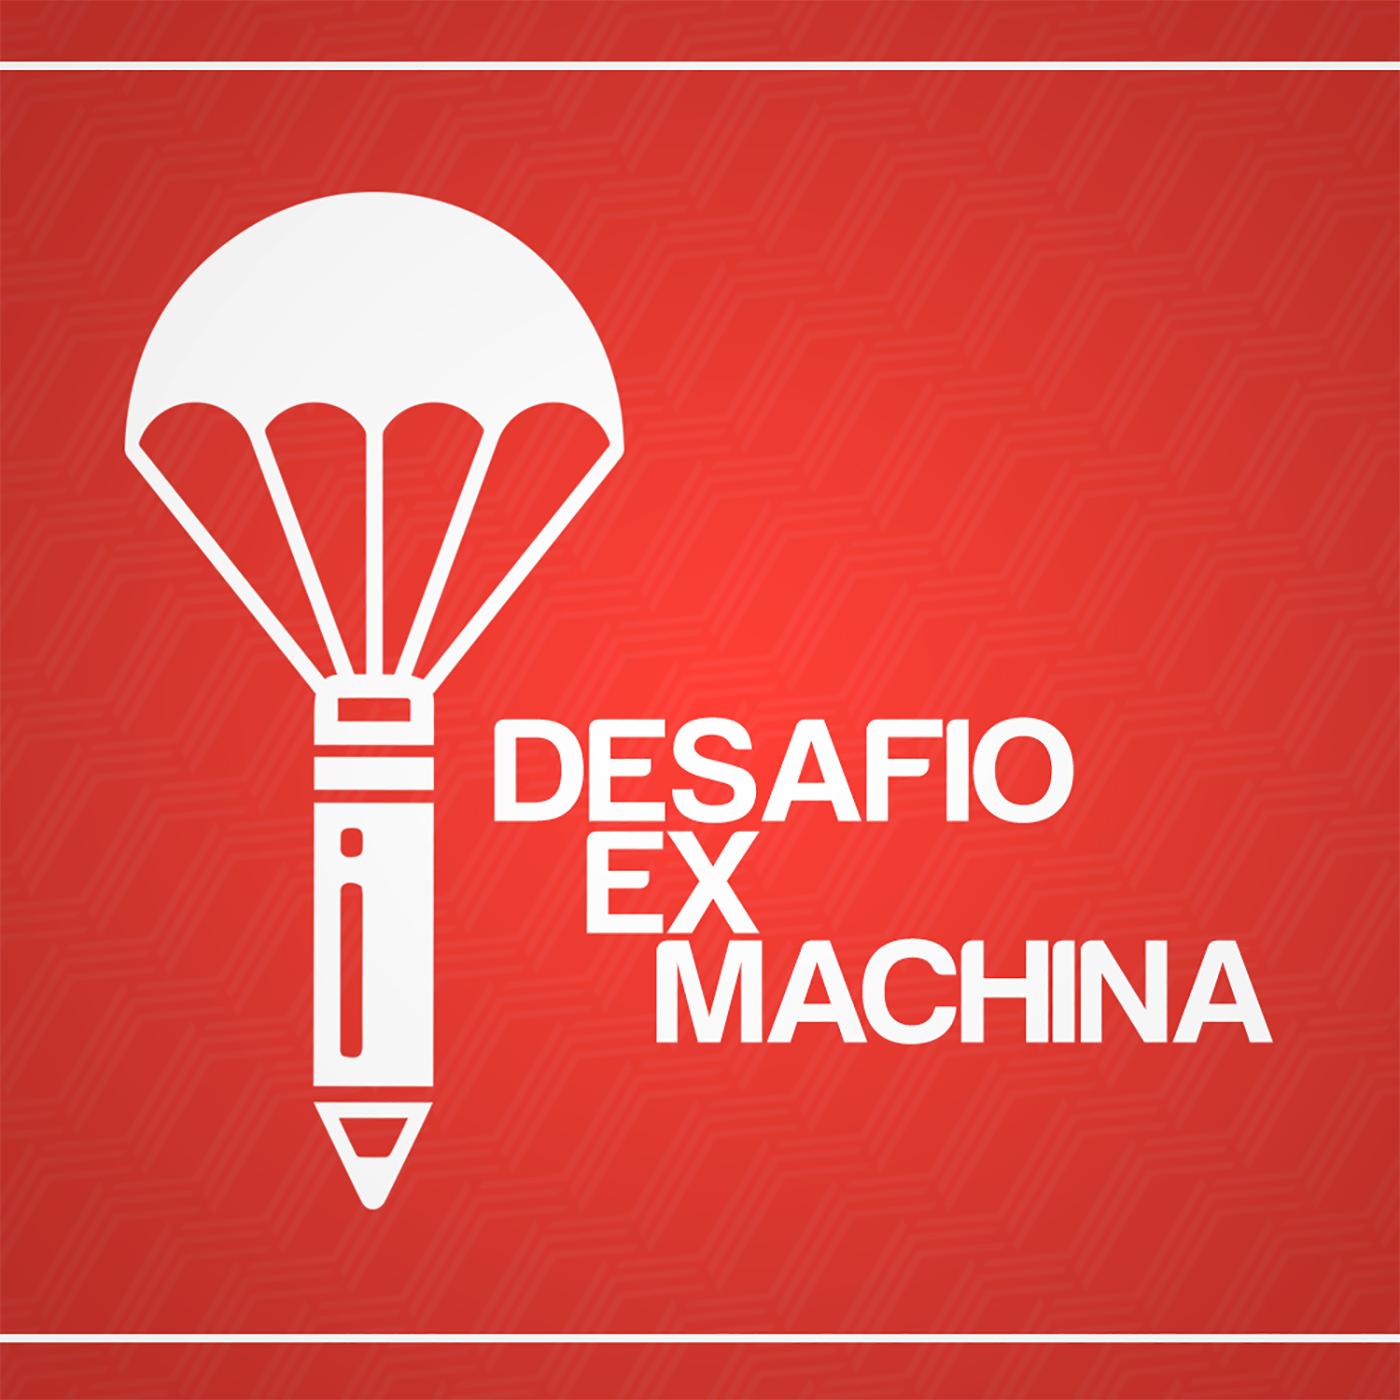 Desafio Ex Machina